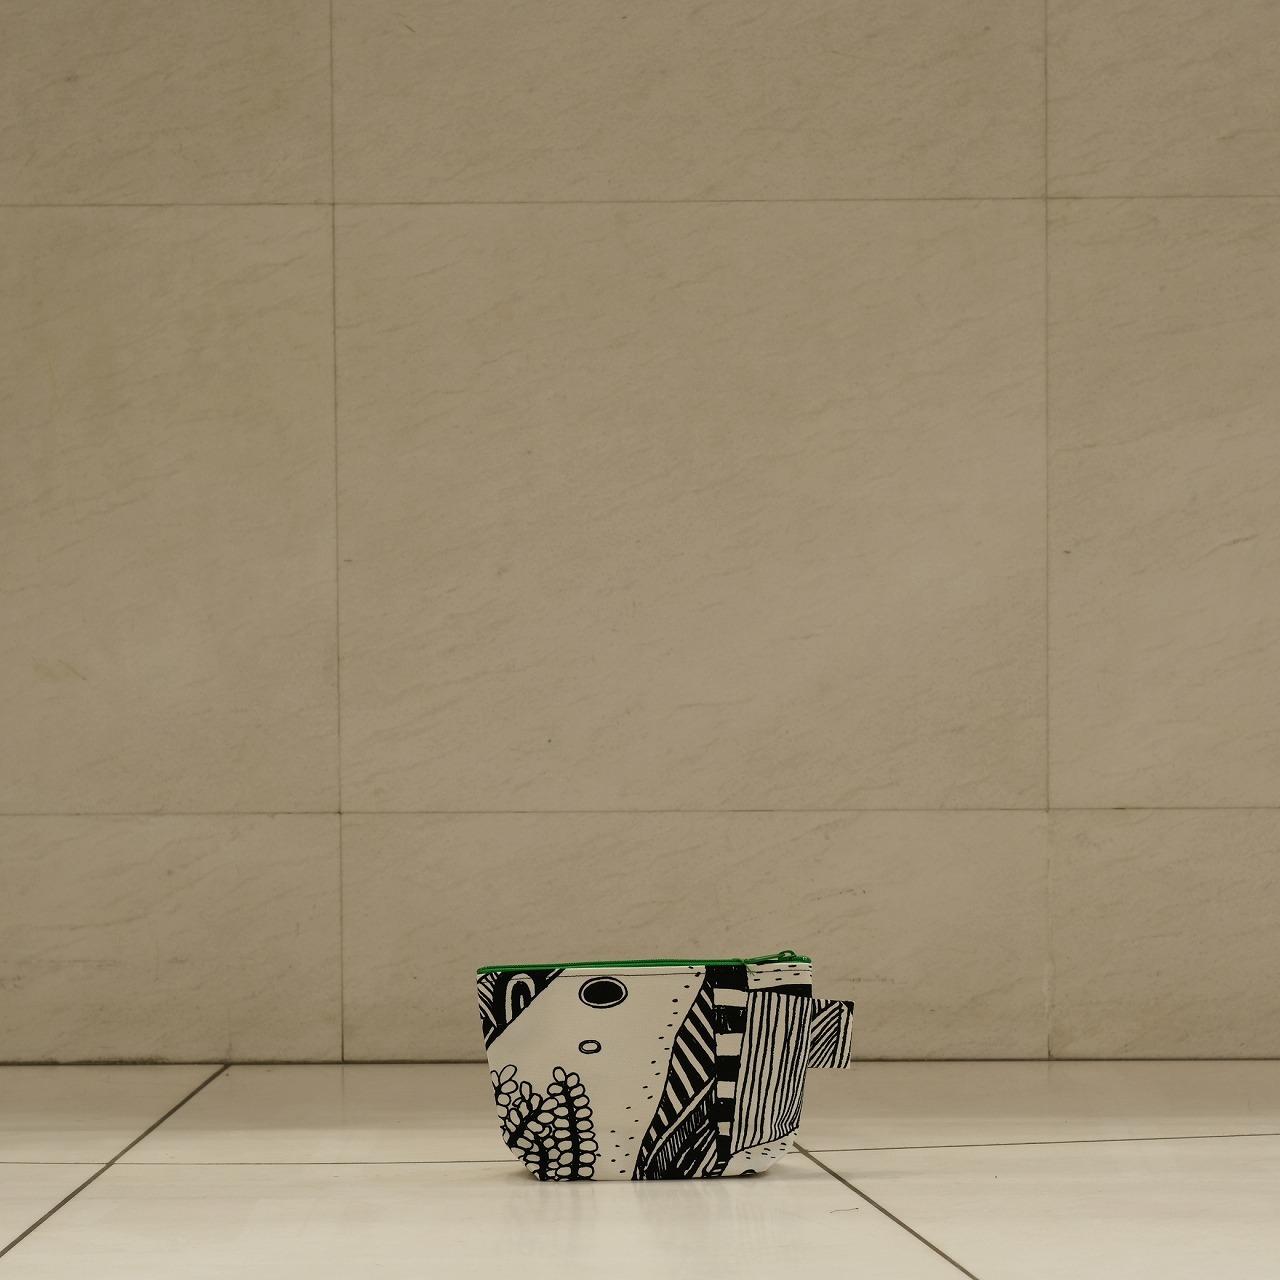 炭酸デザイン室 オンライン展示会 マチポーチM_d0182409_16505633.jpg